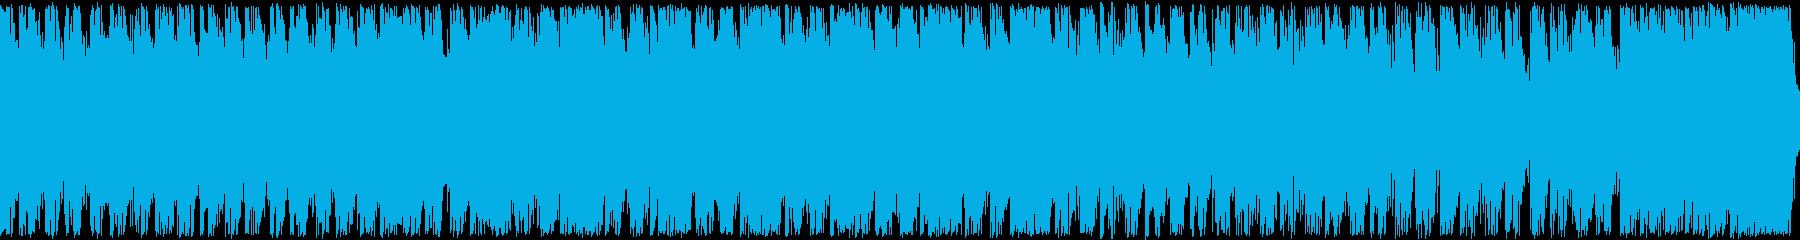 ドラム、シンセの緊迫感バトル、ループの再生済みの波形